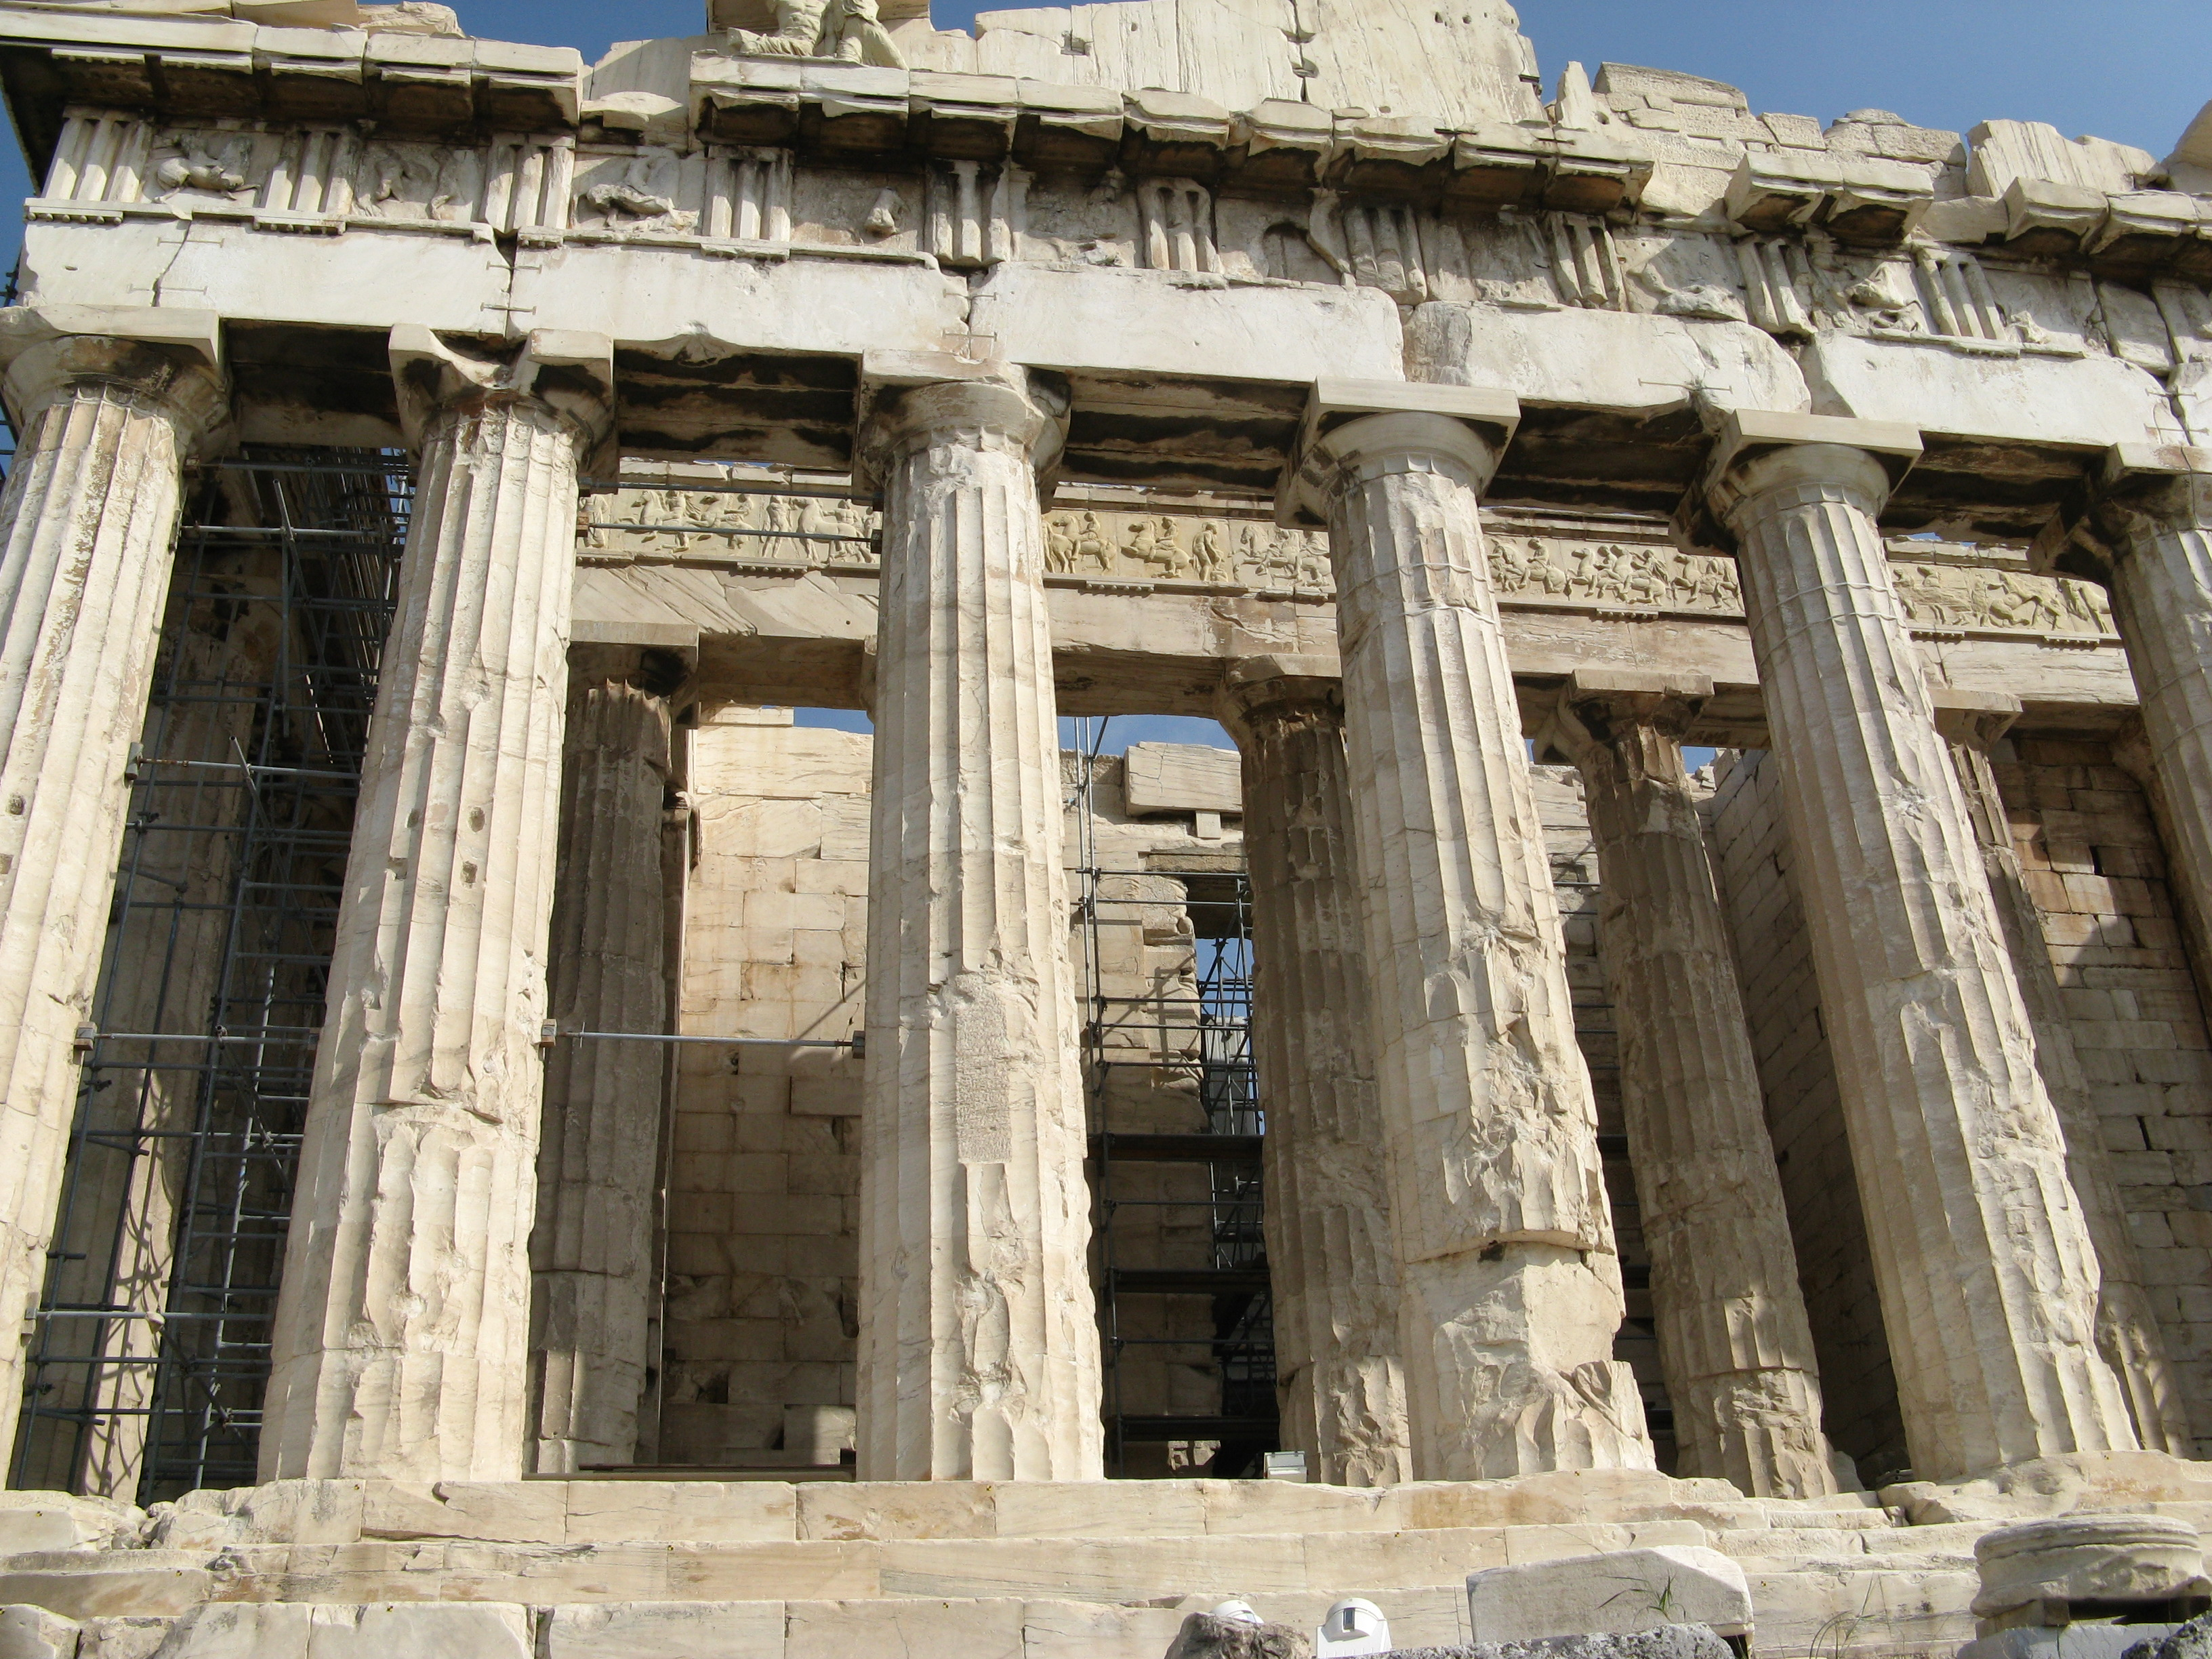 Acropolis: The Greek Parthenon